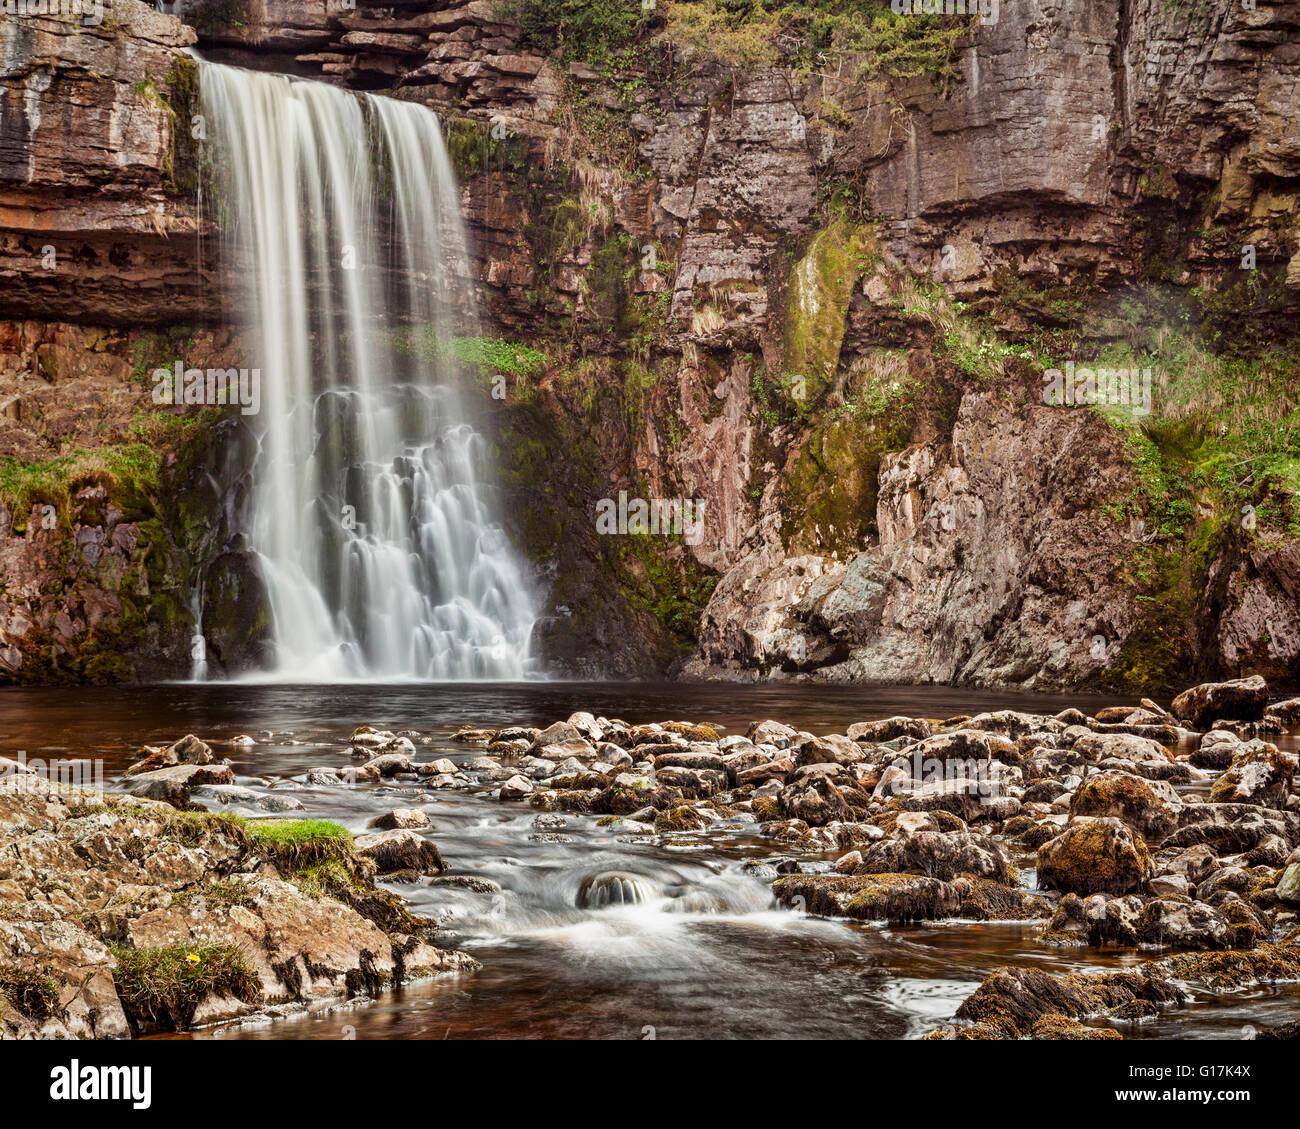 Thornton, La Force d'une chute sur le sentier Cascade Ingleton, Yorkshire Dales National Park, North Yorkshire, Photo Stock